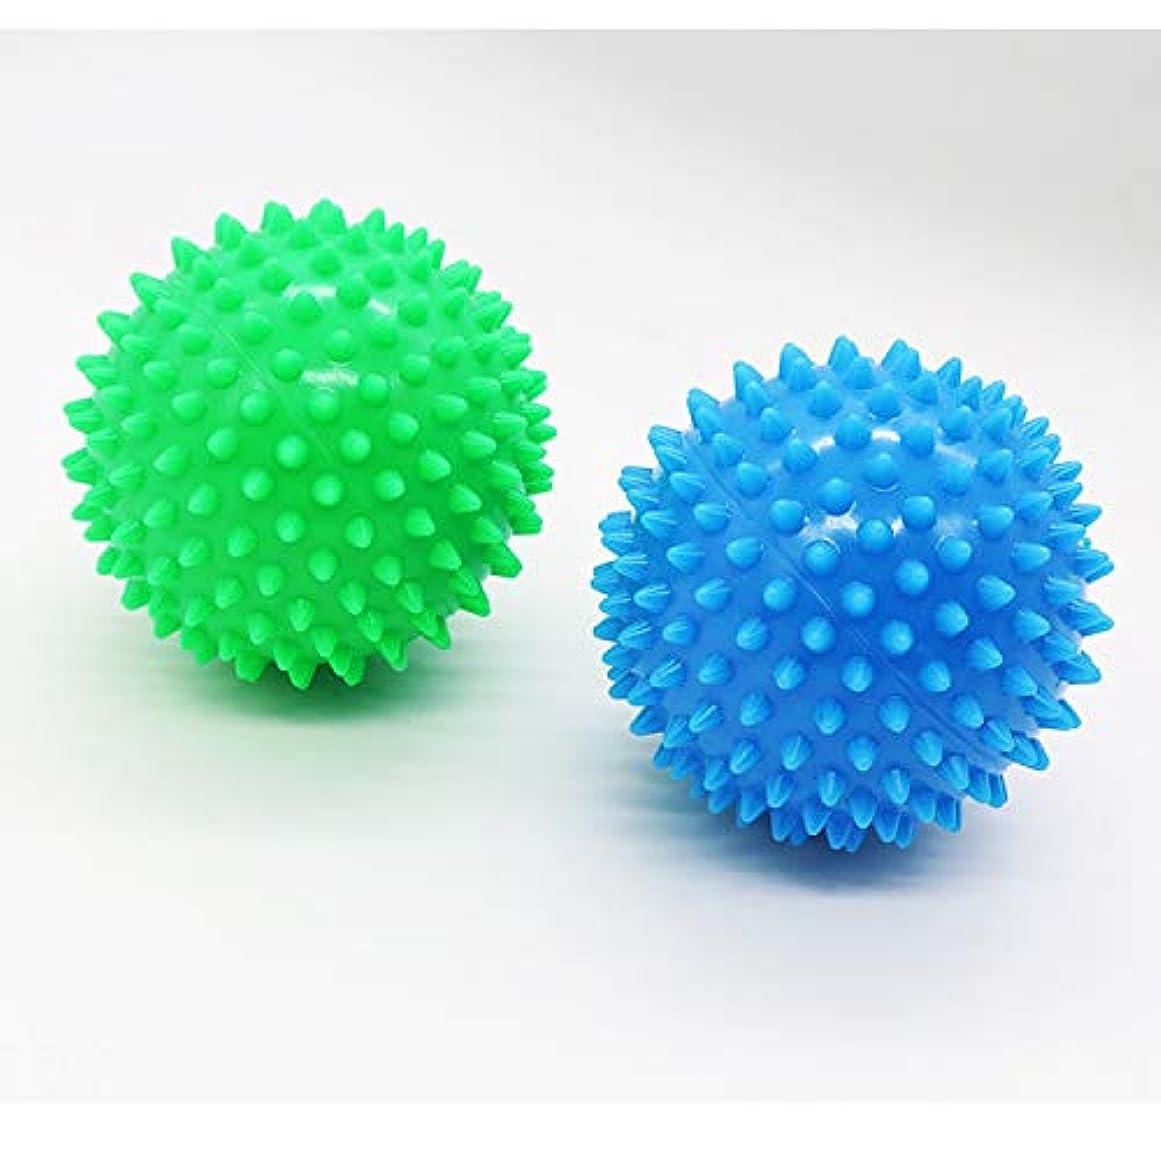 高尚な傾向があるふけるDreecy マッサージボール(2個セット)触覚ボール リフレックスボール トレーニングボール  ポイントマッサージ 筋筋膜リリース 筋肉緊張和らげ 血液循環促進 9cm(青+緑)